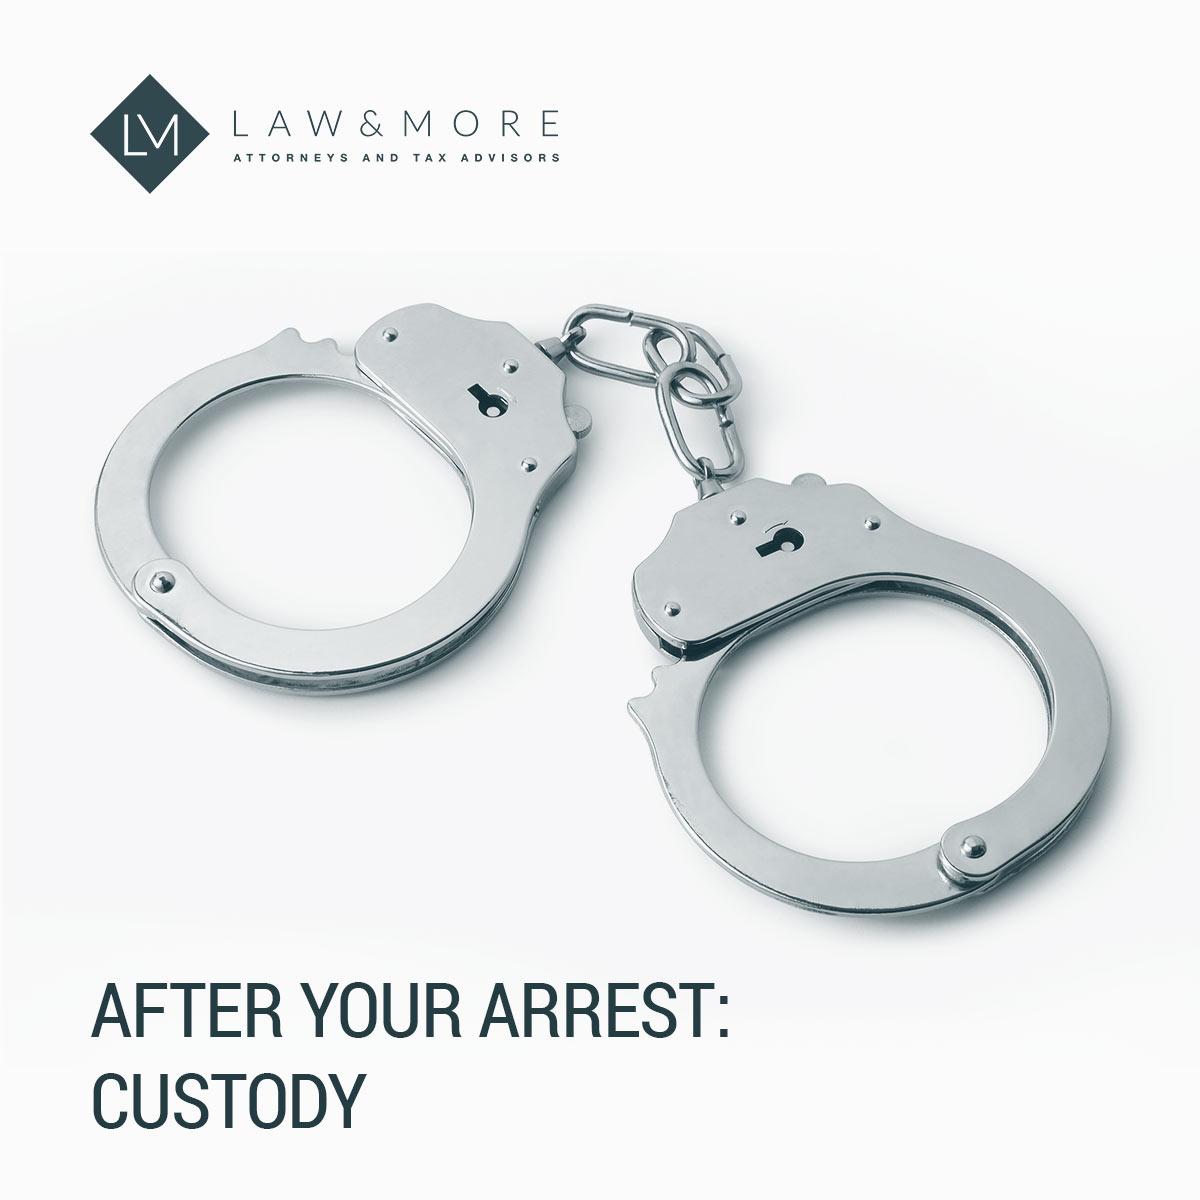 Після арешту: тримання під вартою